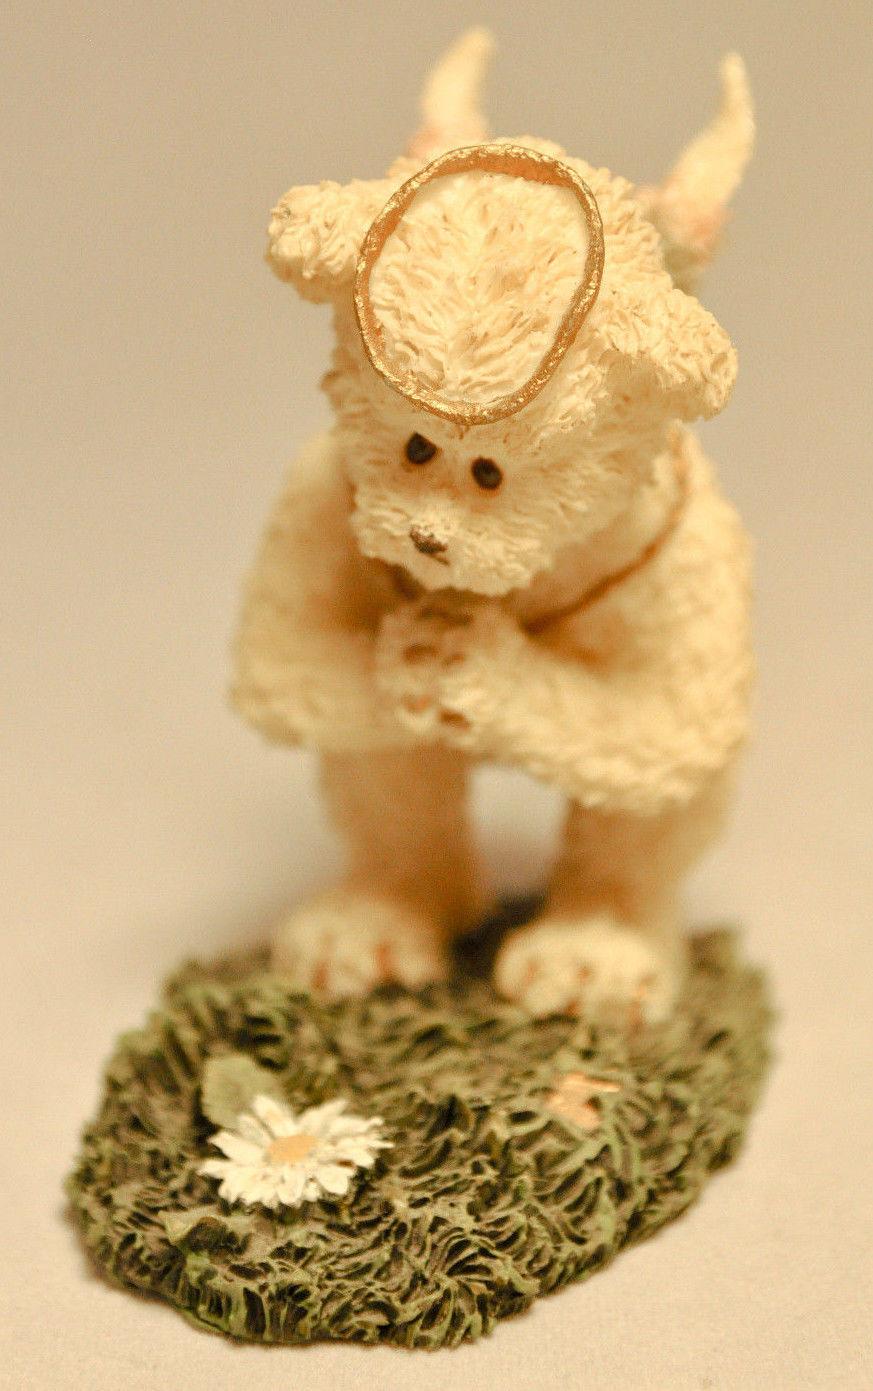 Boyds Bears & Friends: Petals - Style 24152 - Li'l Wings - Angel Bears